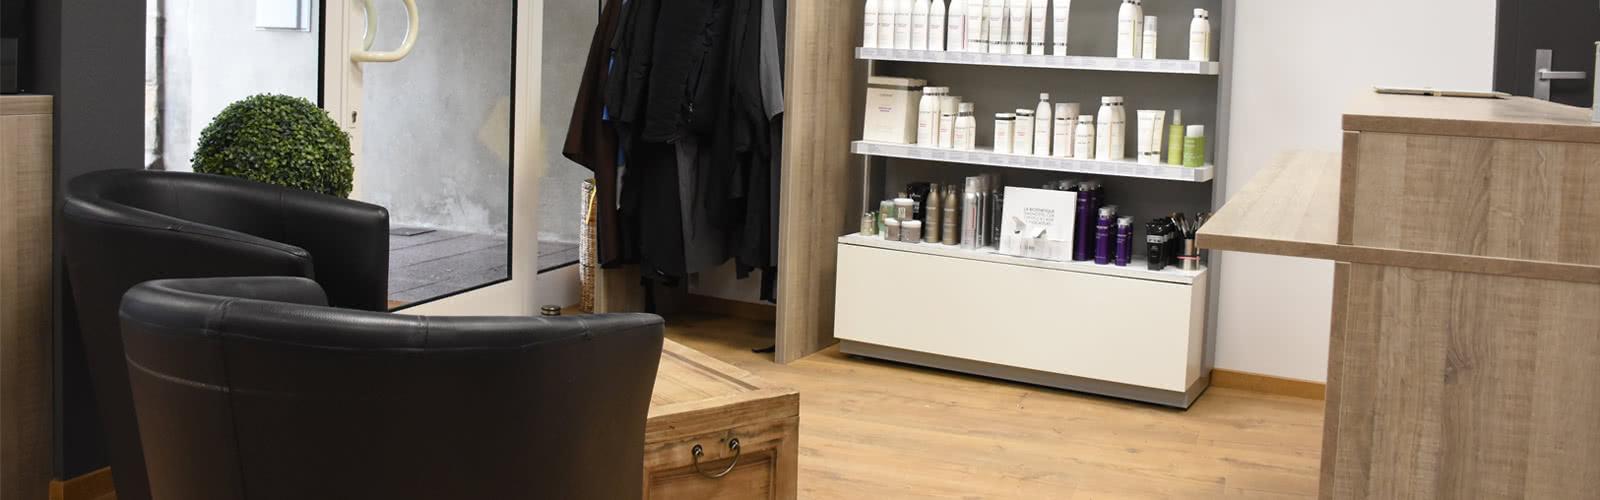 Intérieur - Salon de coiffure à Sarrebourg - Coiffure à l'Image